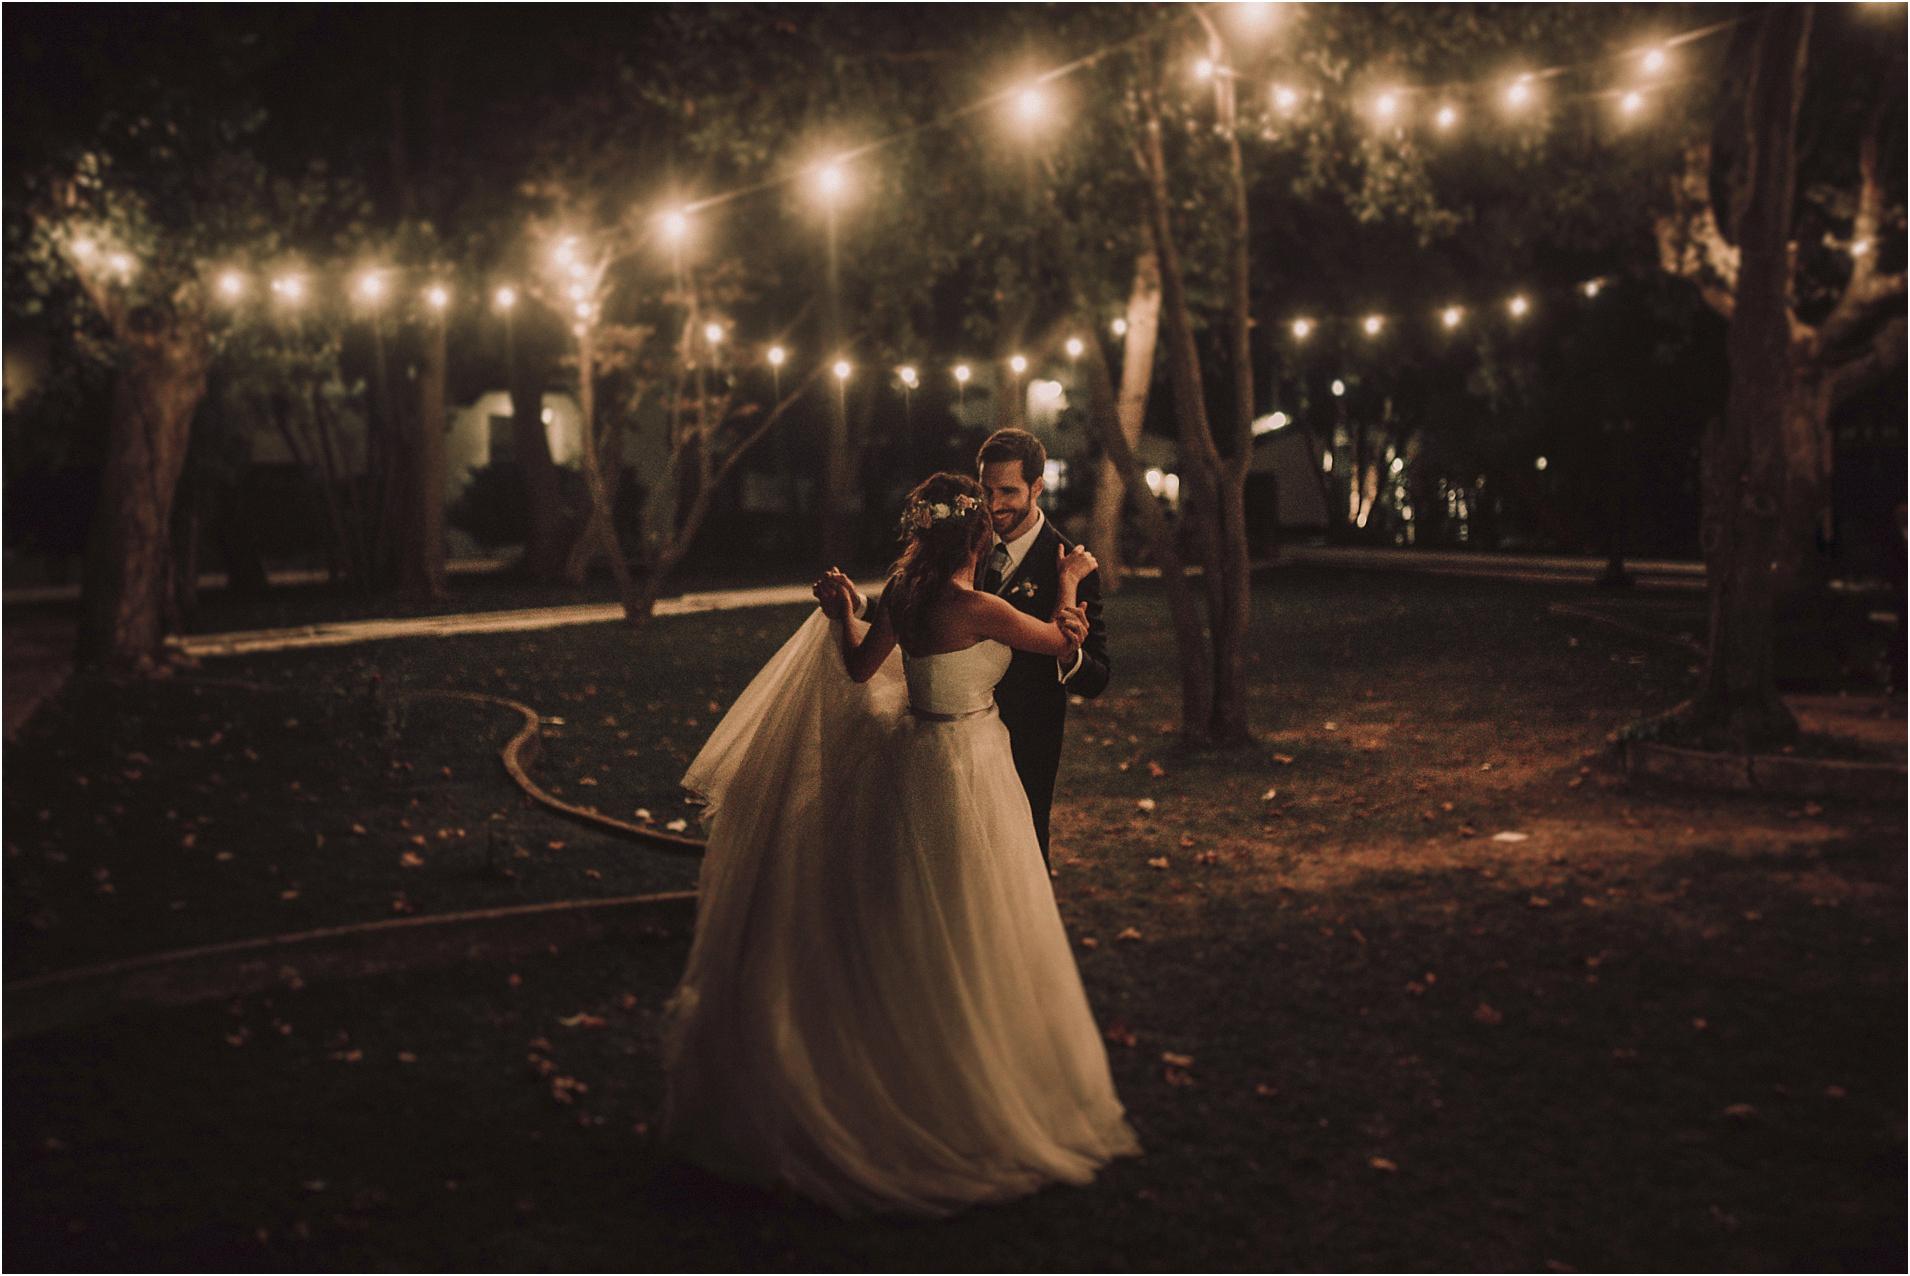 Fotografos-de-boda-donostia-zaragoza-san-sebastian-destination-wedding-photographer-118.jpg